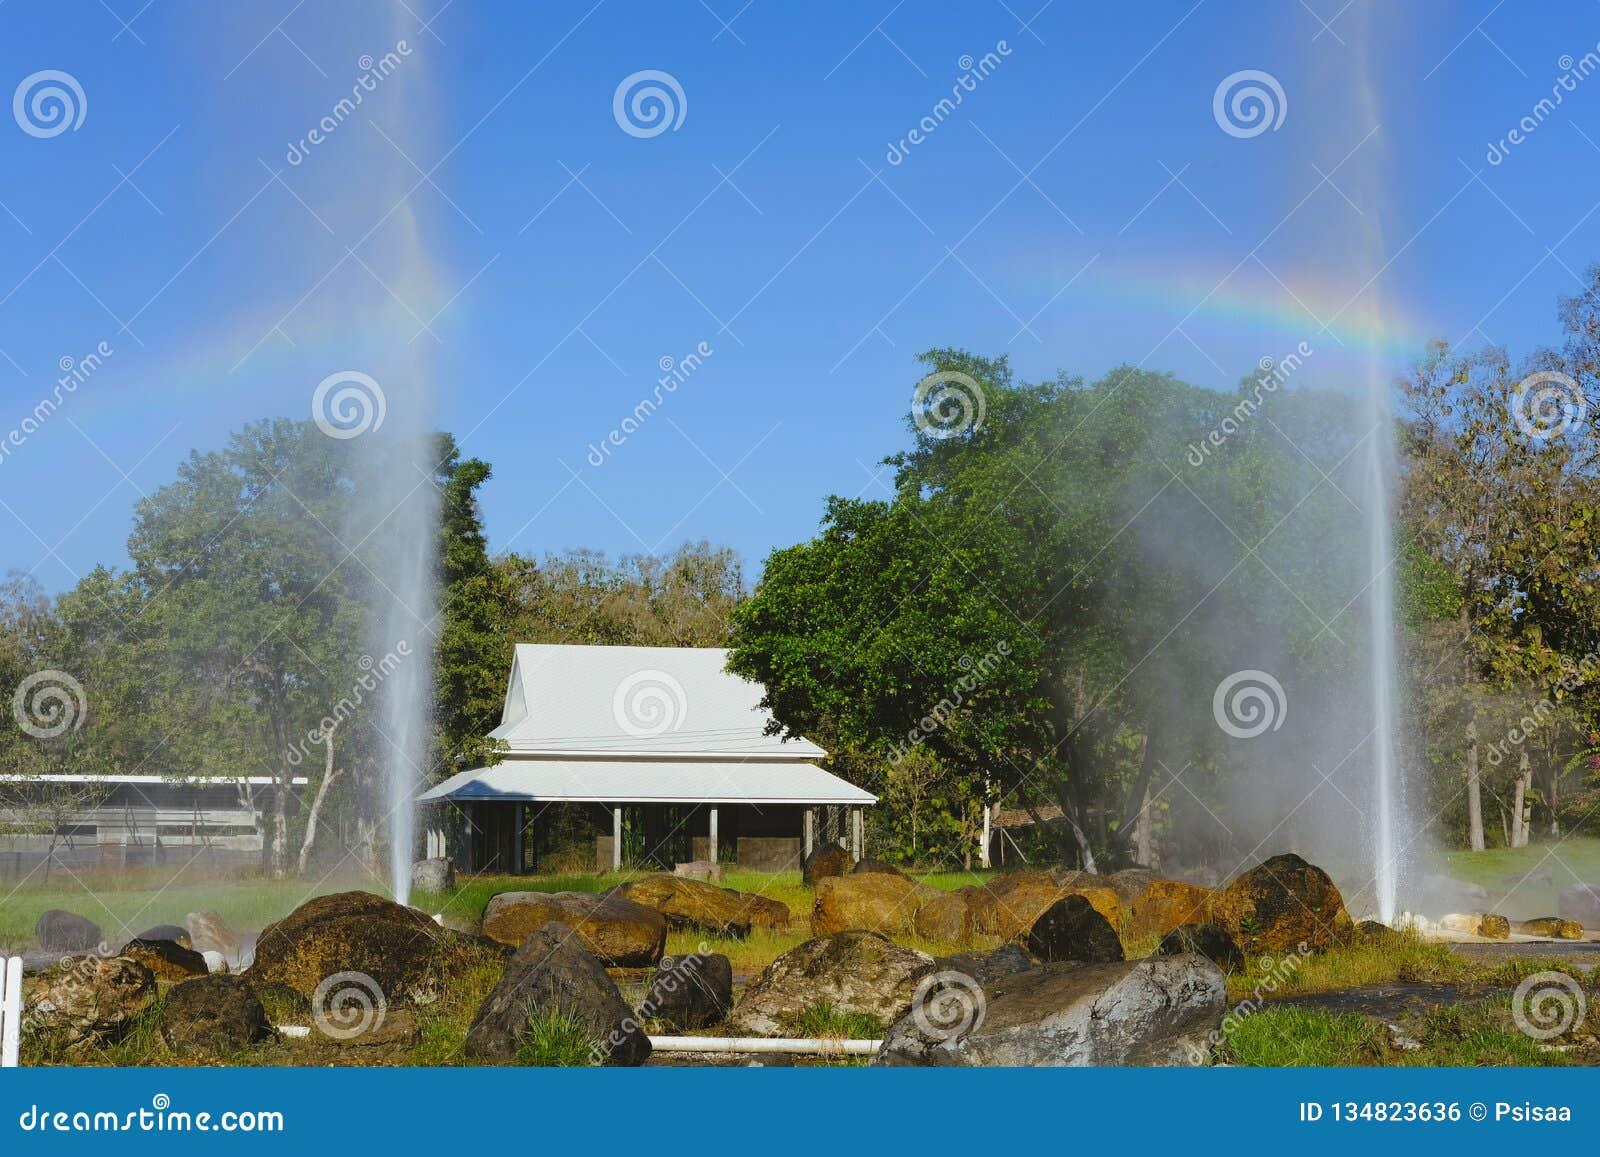 Erupção do geyser água geotérmica de explosão da mola quente